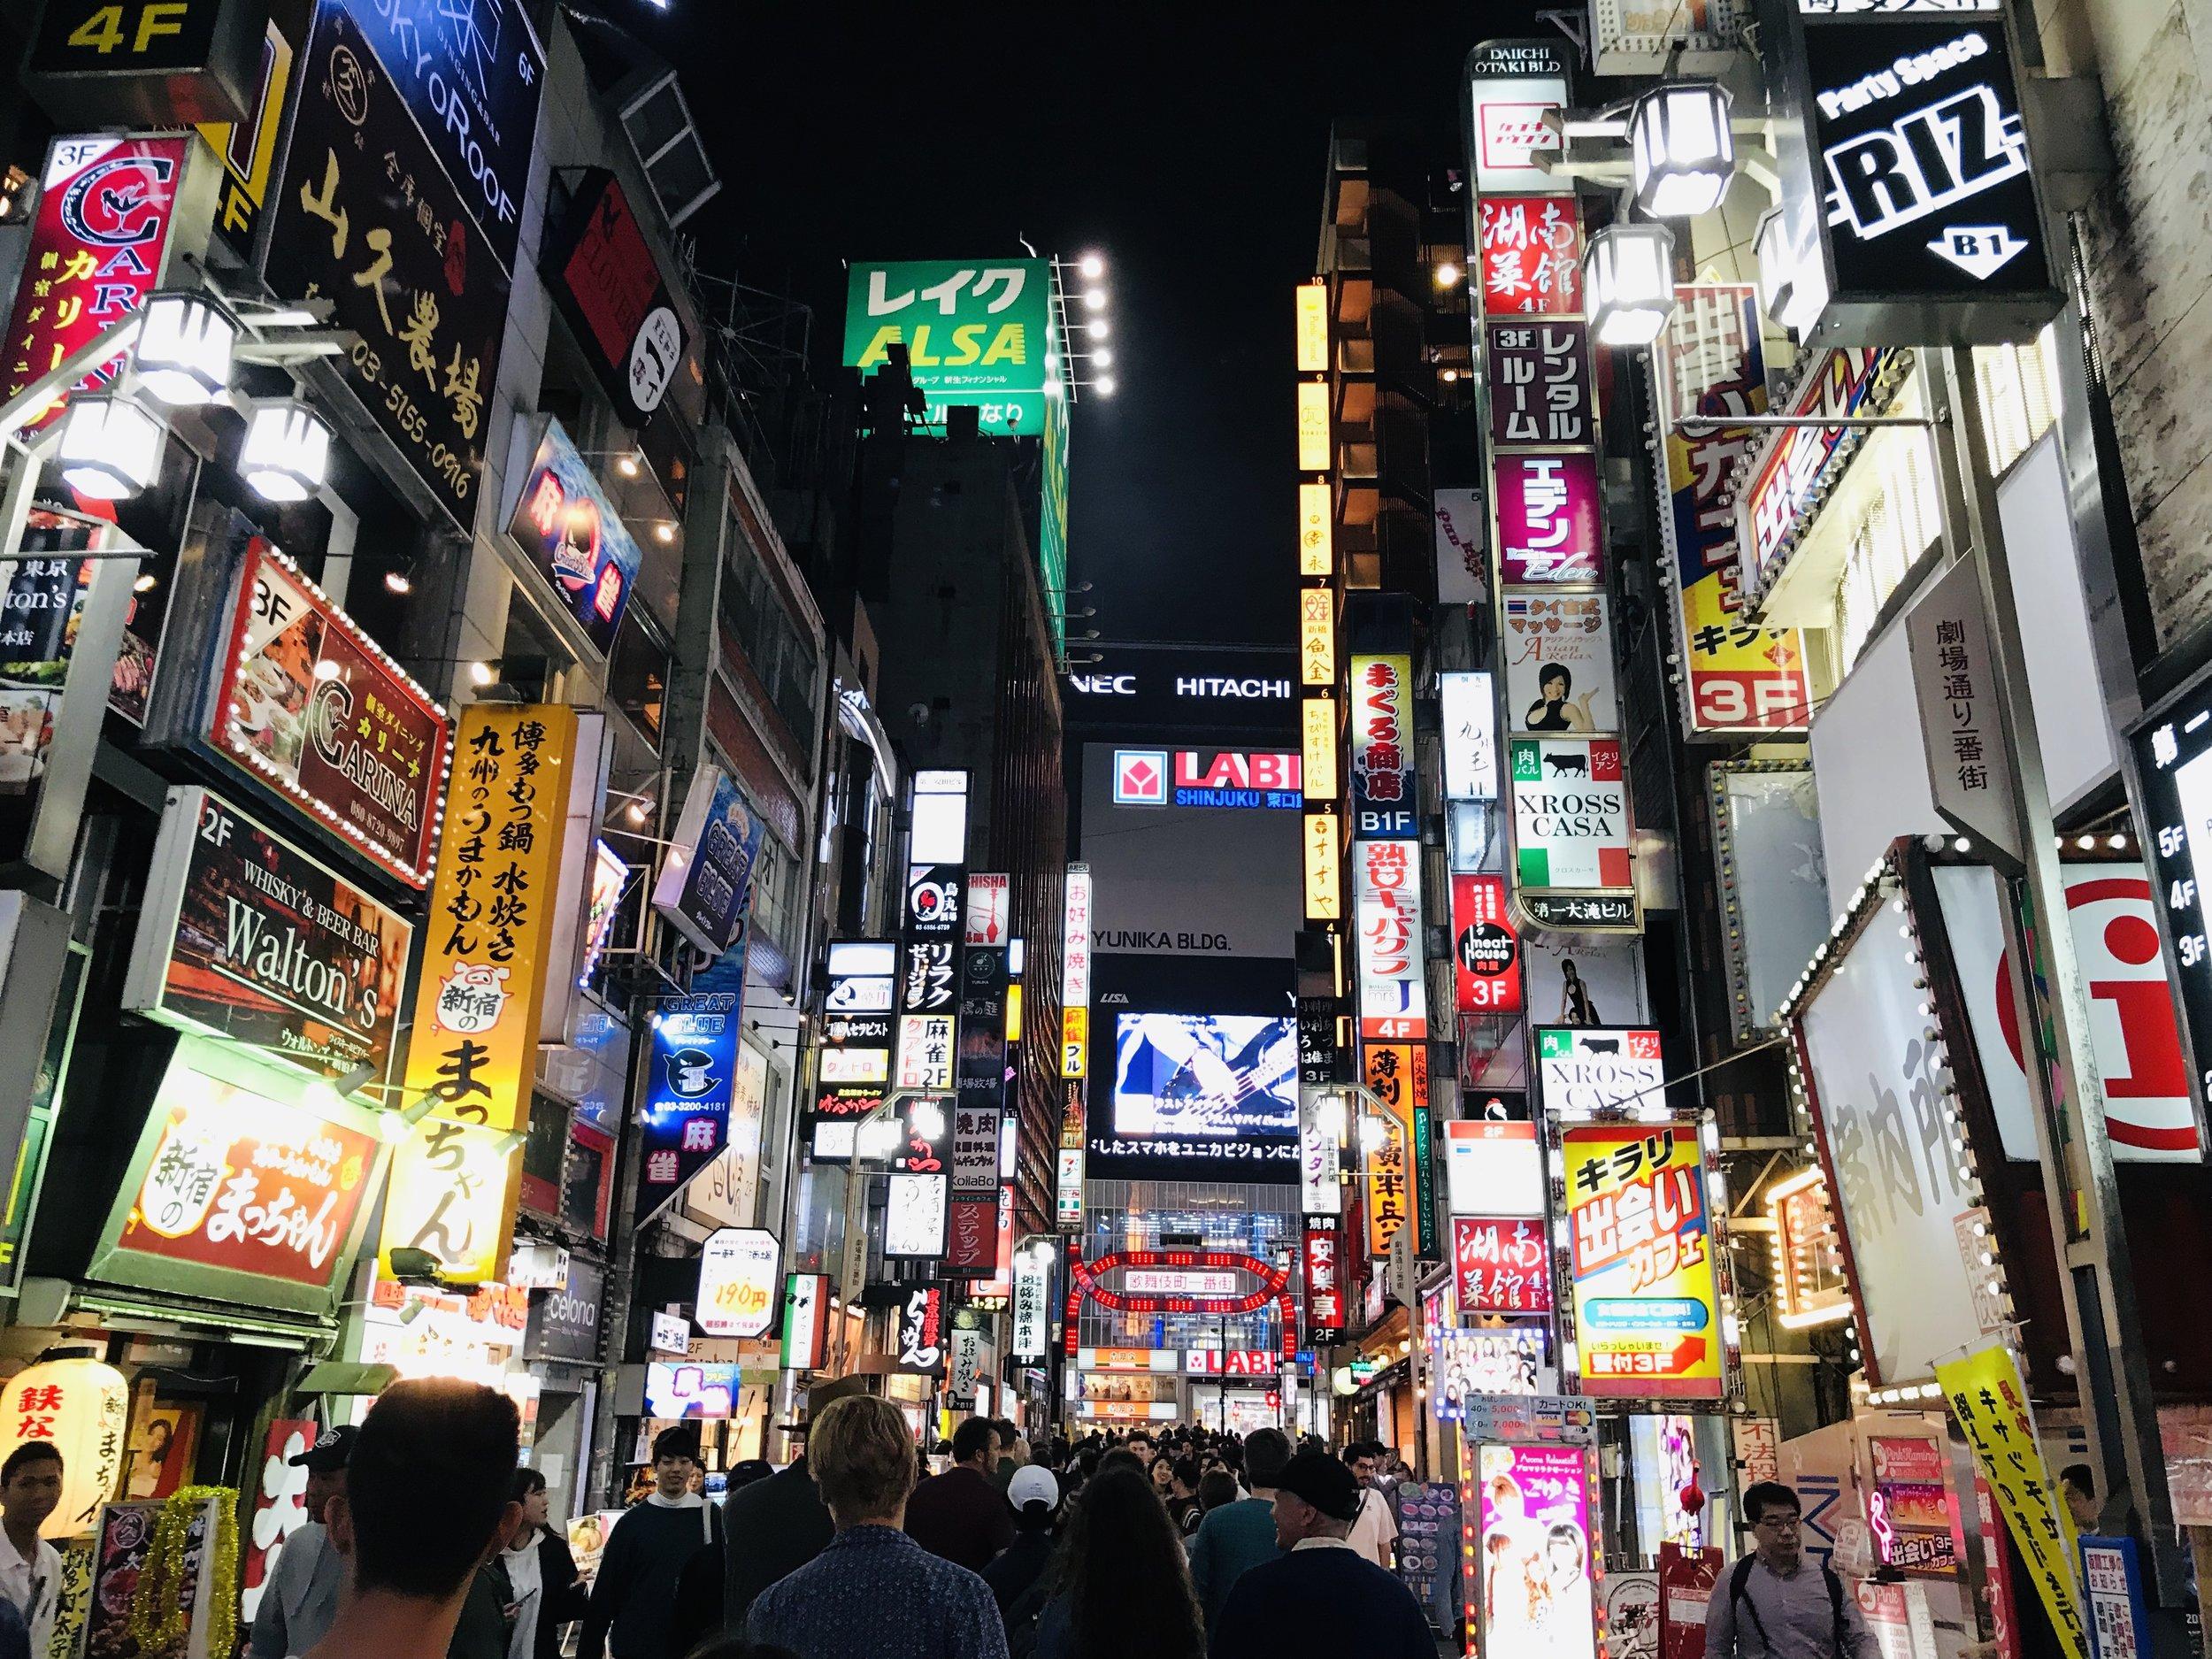 Walking through Shinjuko, Tokyo